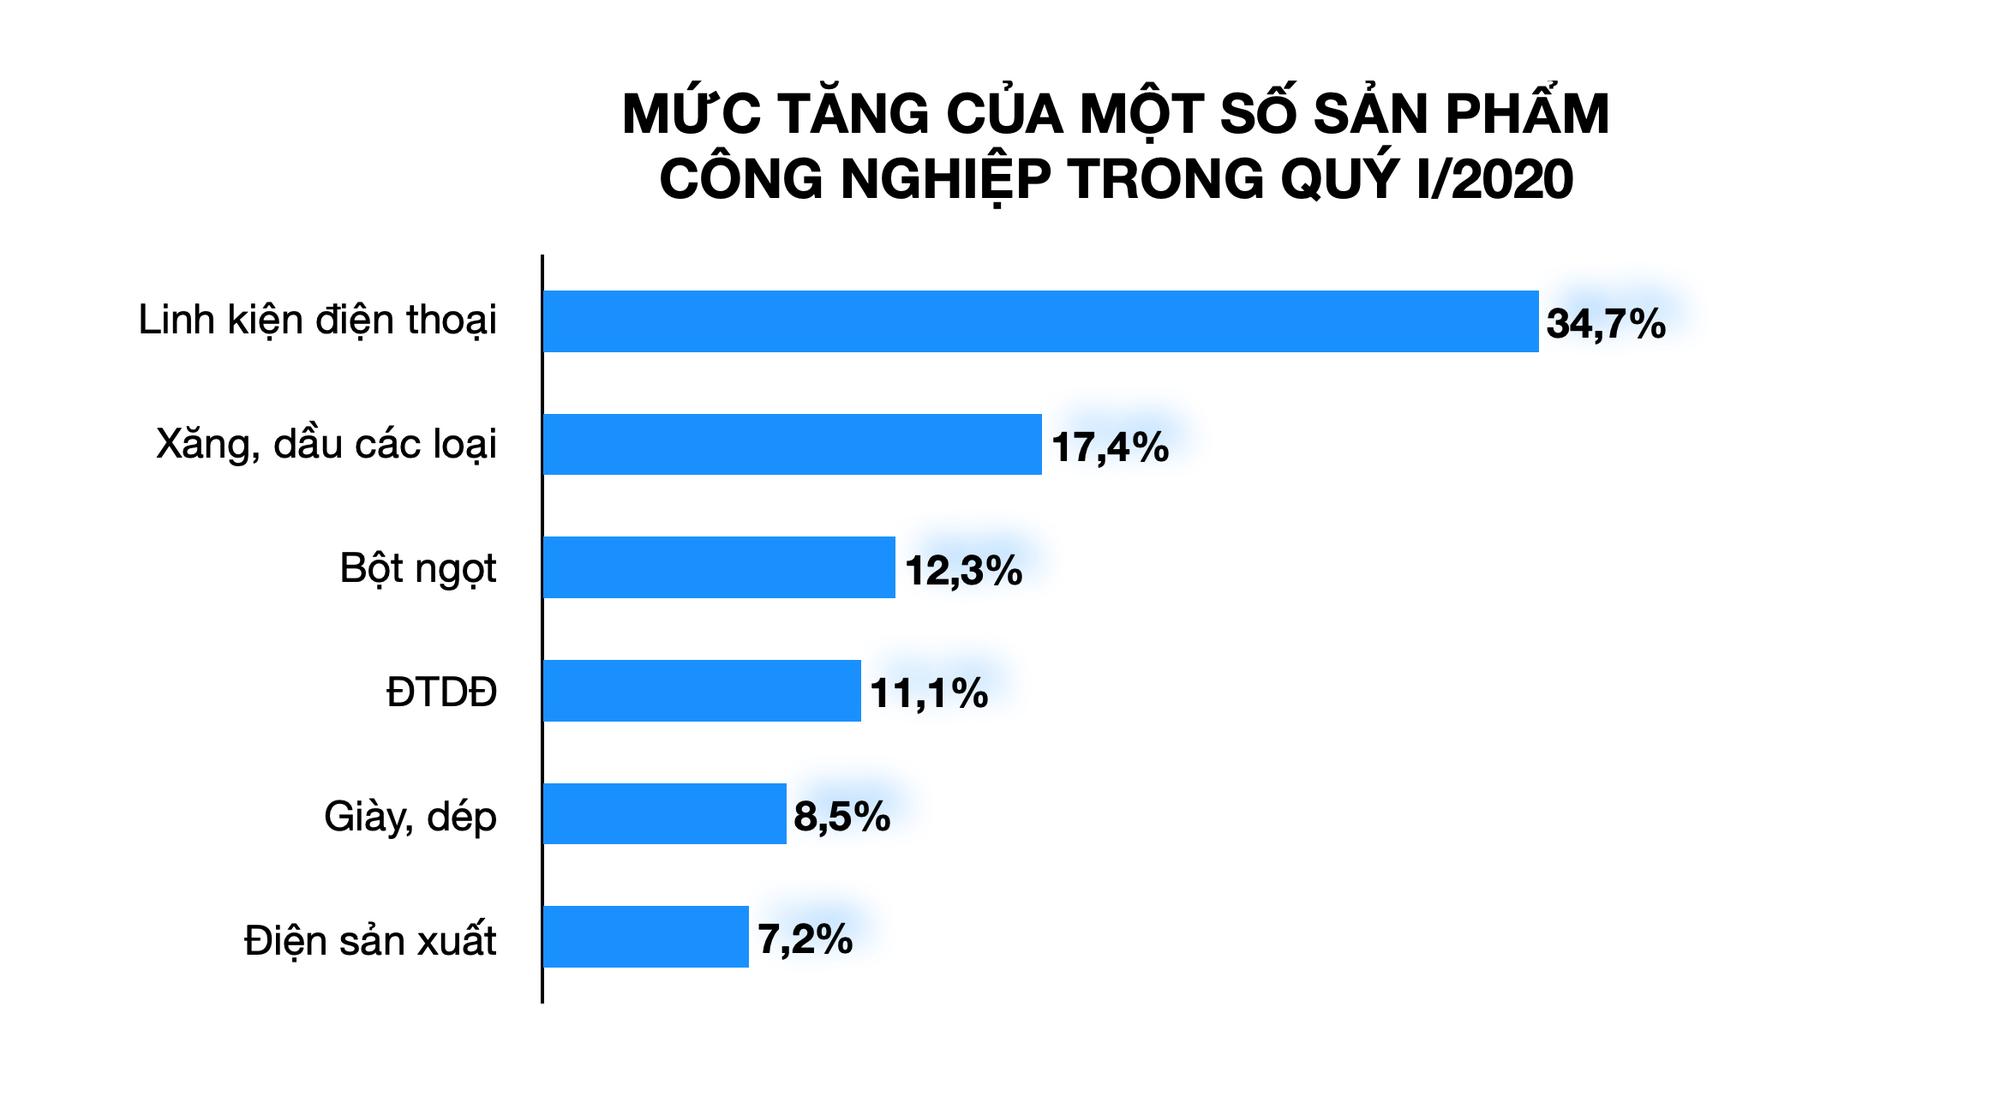 Hơn 18.000 doanh nghiệp Việt Nam tạm ngừng kinh doanh vì dịch Covid-19 - Ảnh 5.